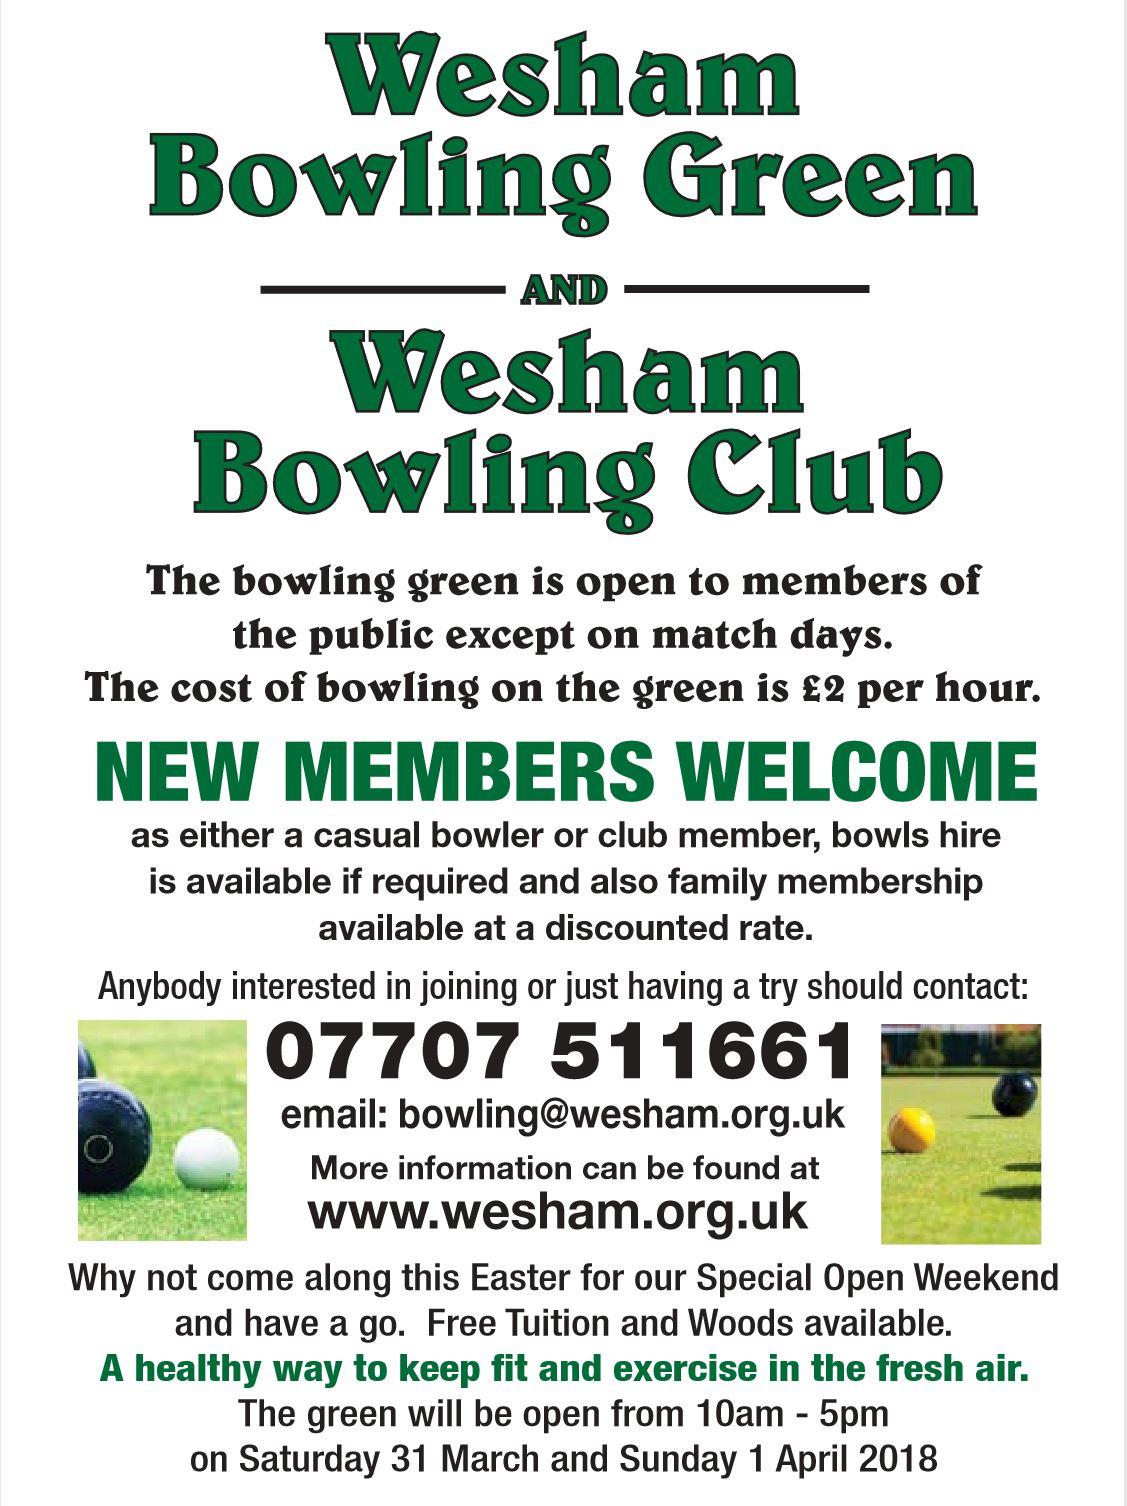 Wesham Bowling Club info